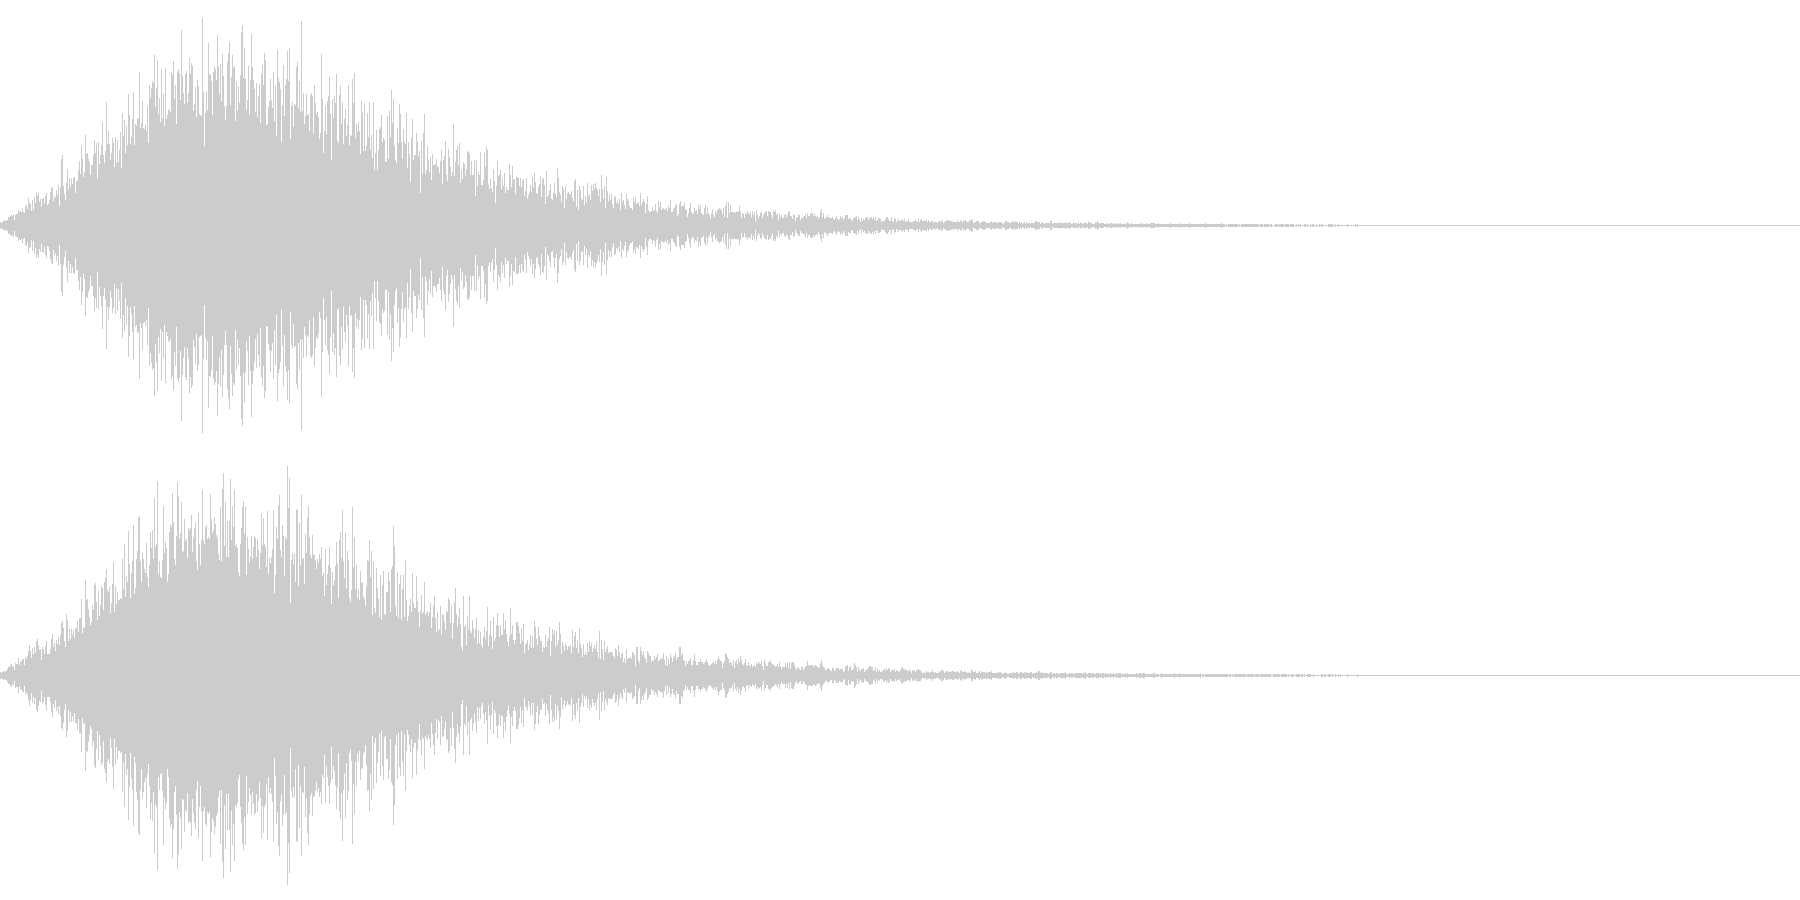 ブオッというハリウッド映画ライクな音の未再生の波形